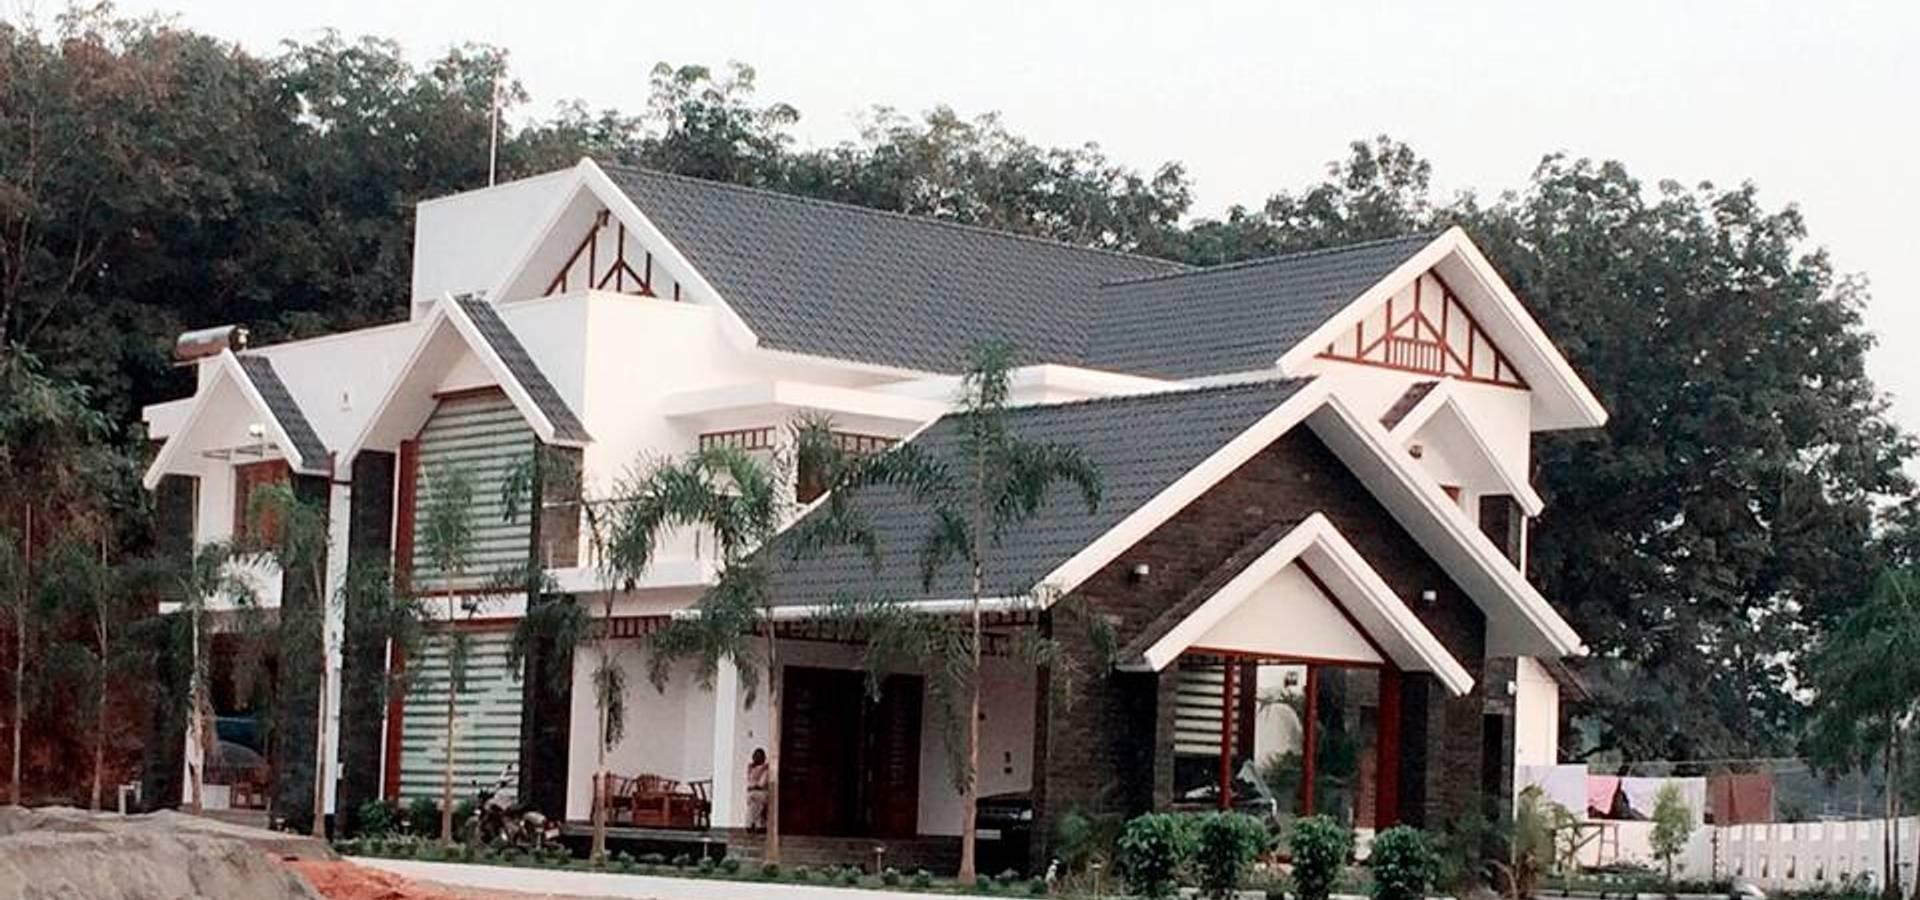 Indigo Arkitects